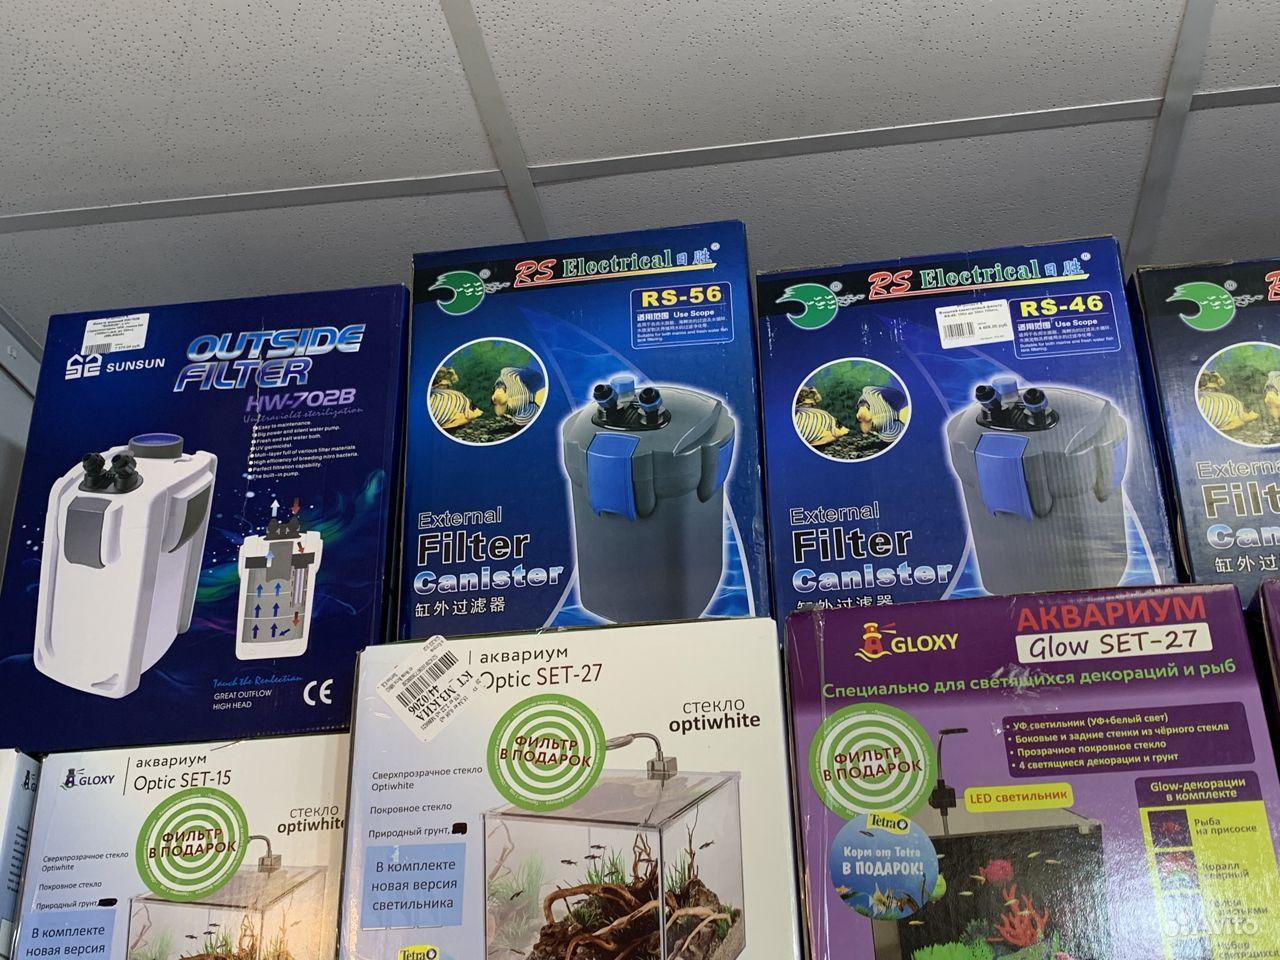 Фильтр внешний sunsun HW-703A до 500 л купить на Зозу.ру - фотография № 7